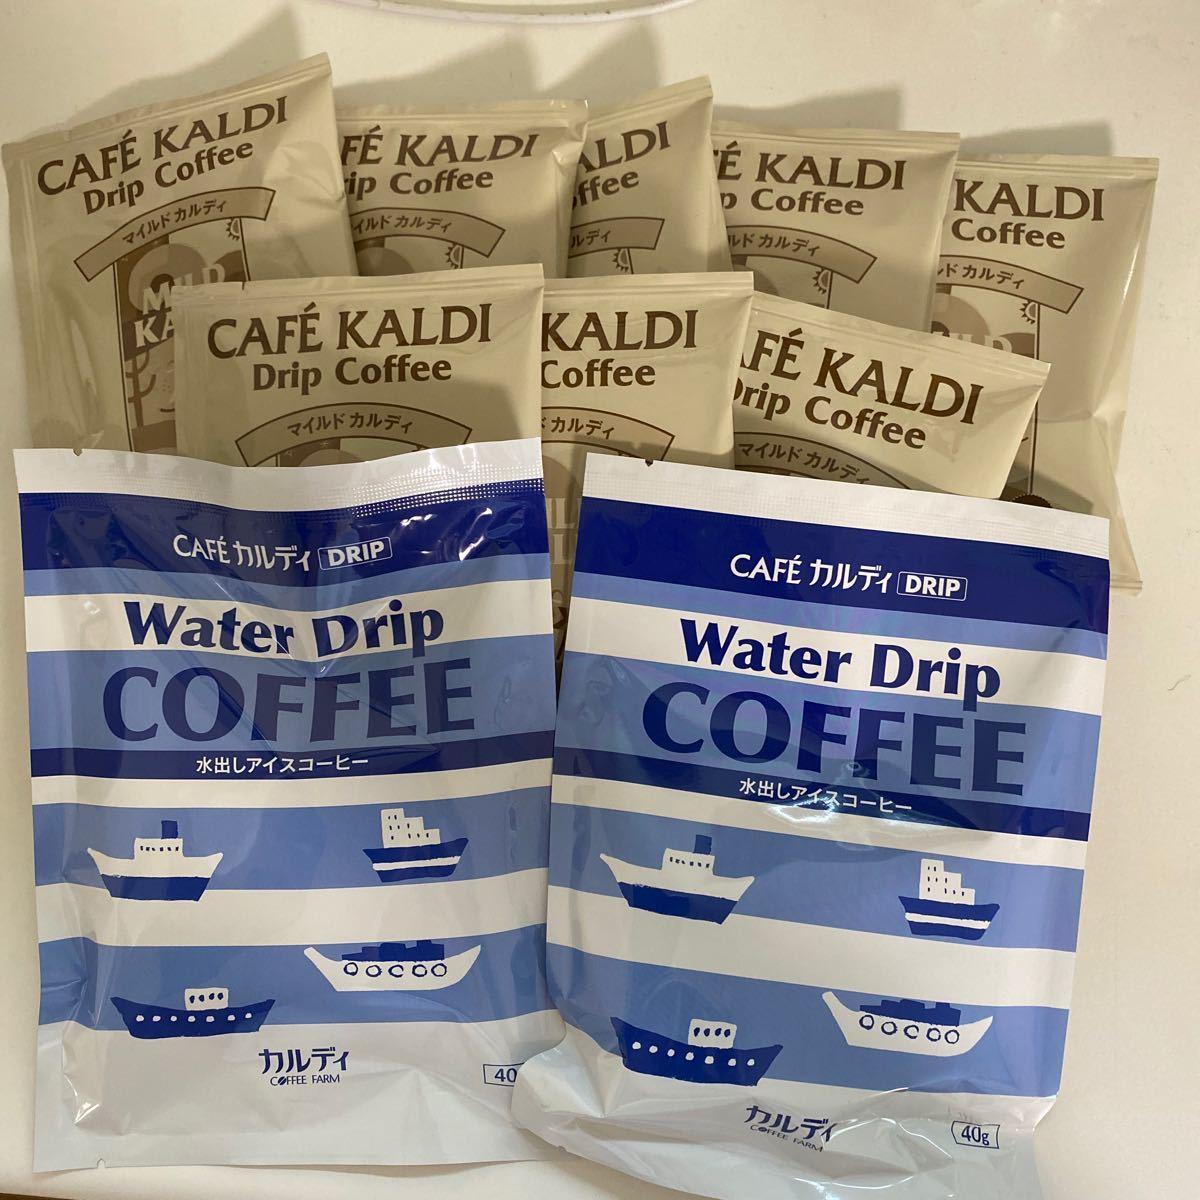 カフェカルディ ドリップコーヒー マイルドカルディ8個  カルディ水出しコーヒー2個